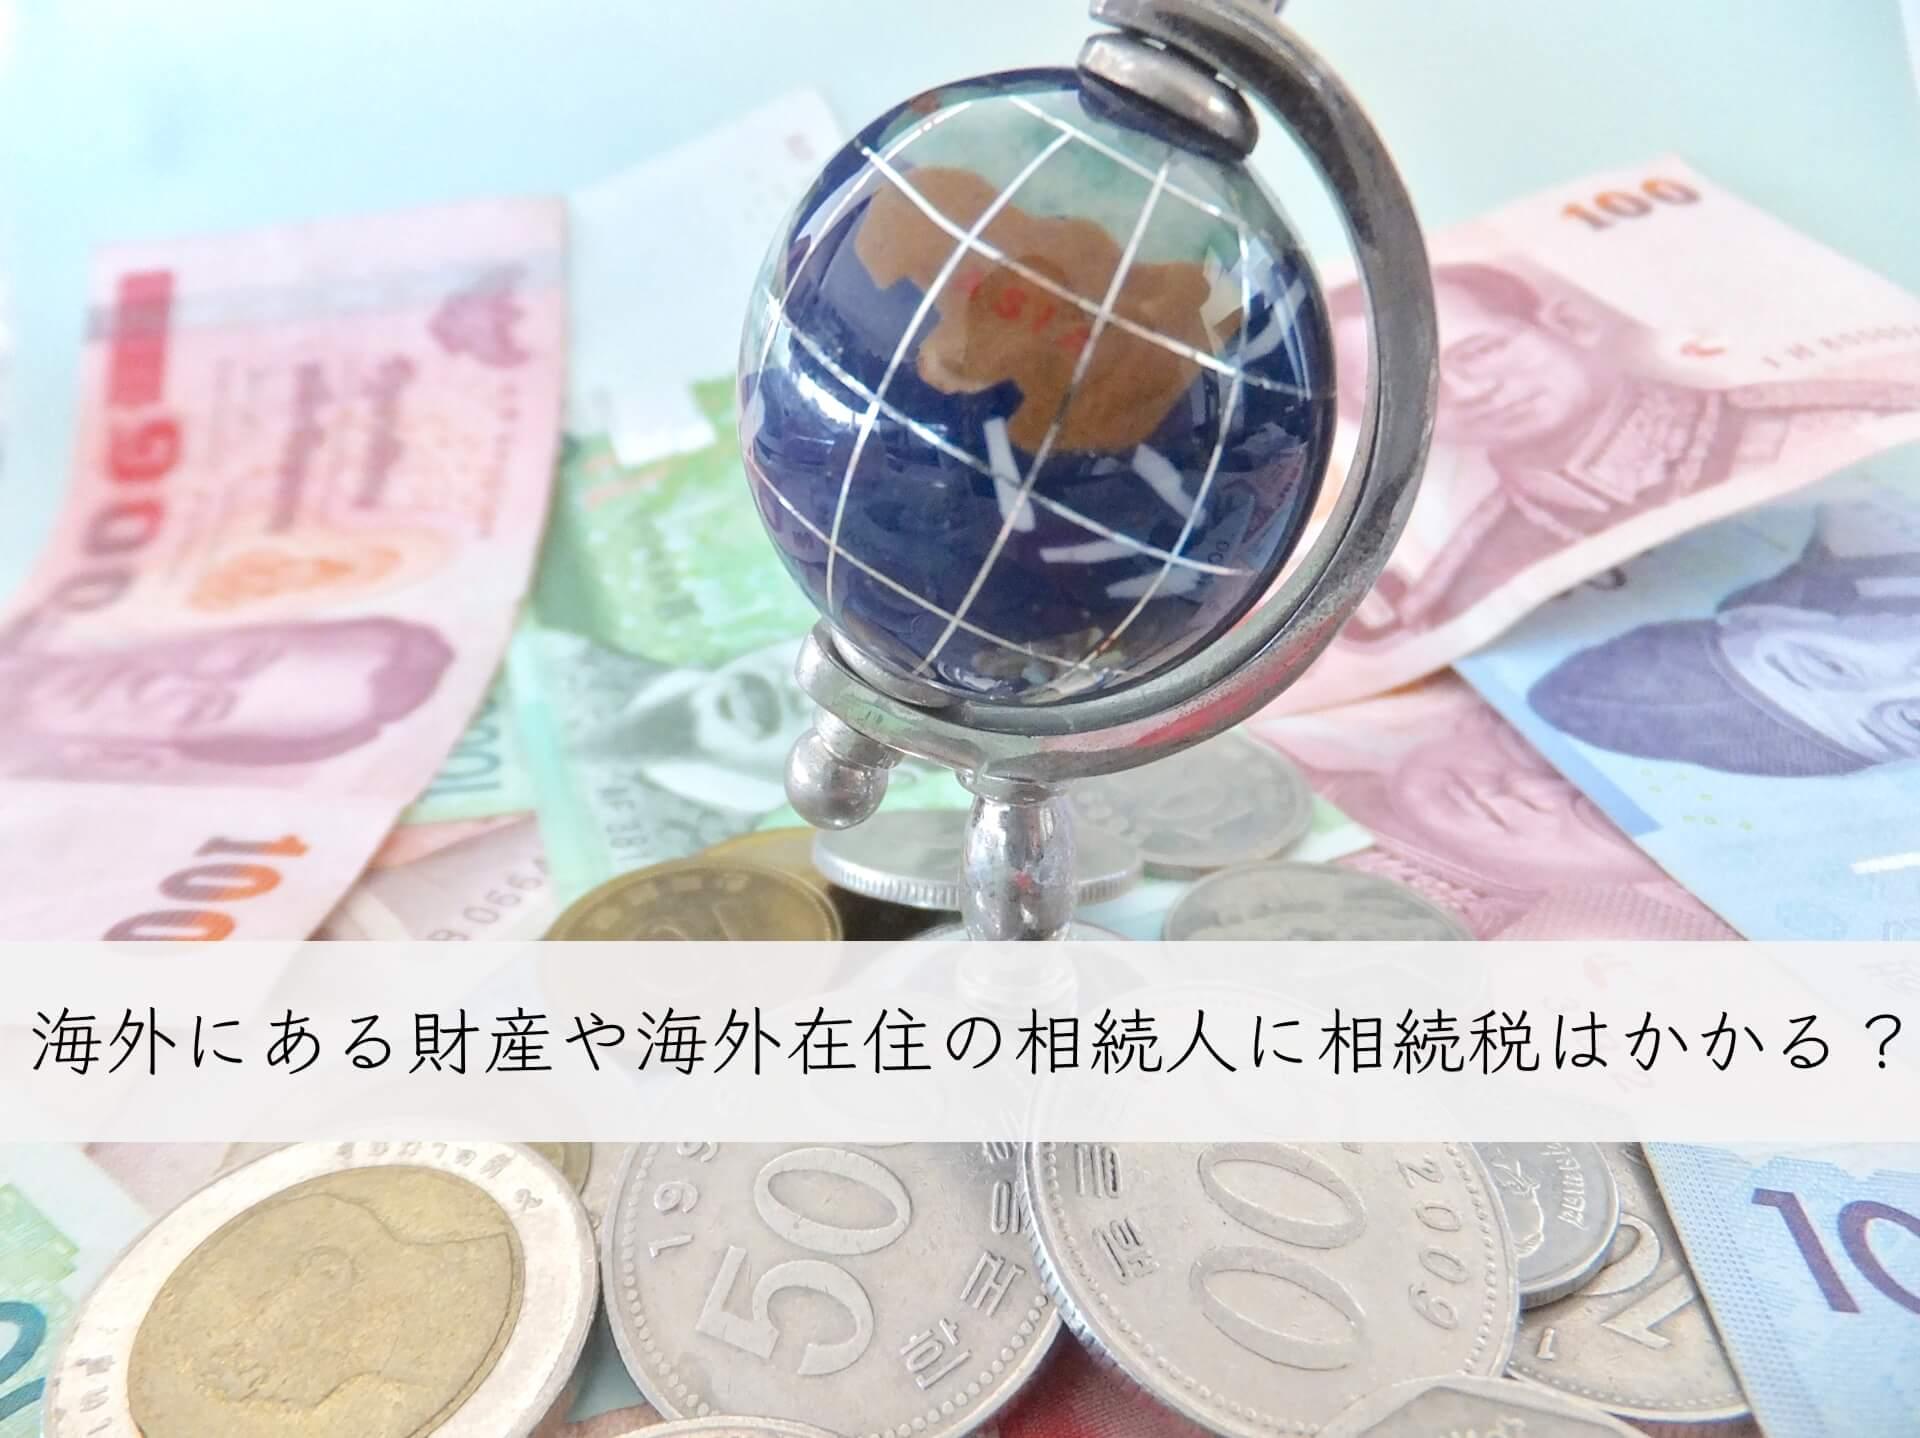 海外財産や海外在住の相続人に相続税はかかる?